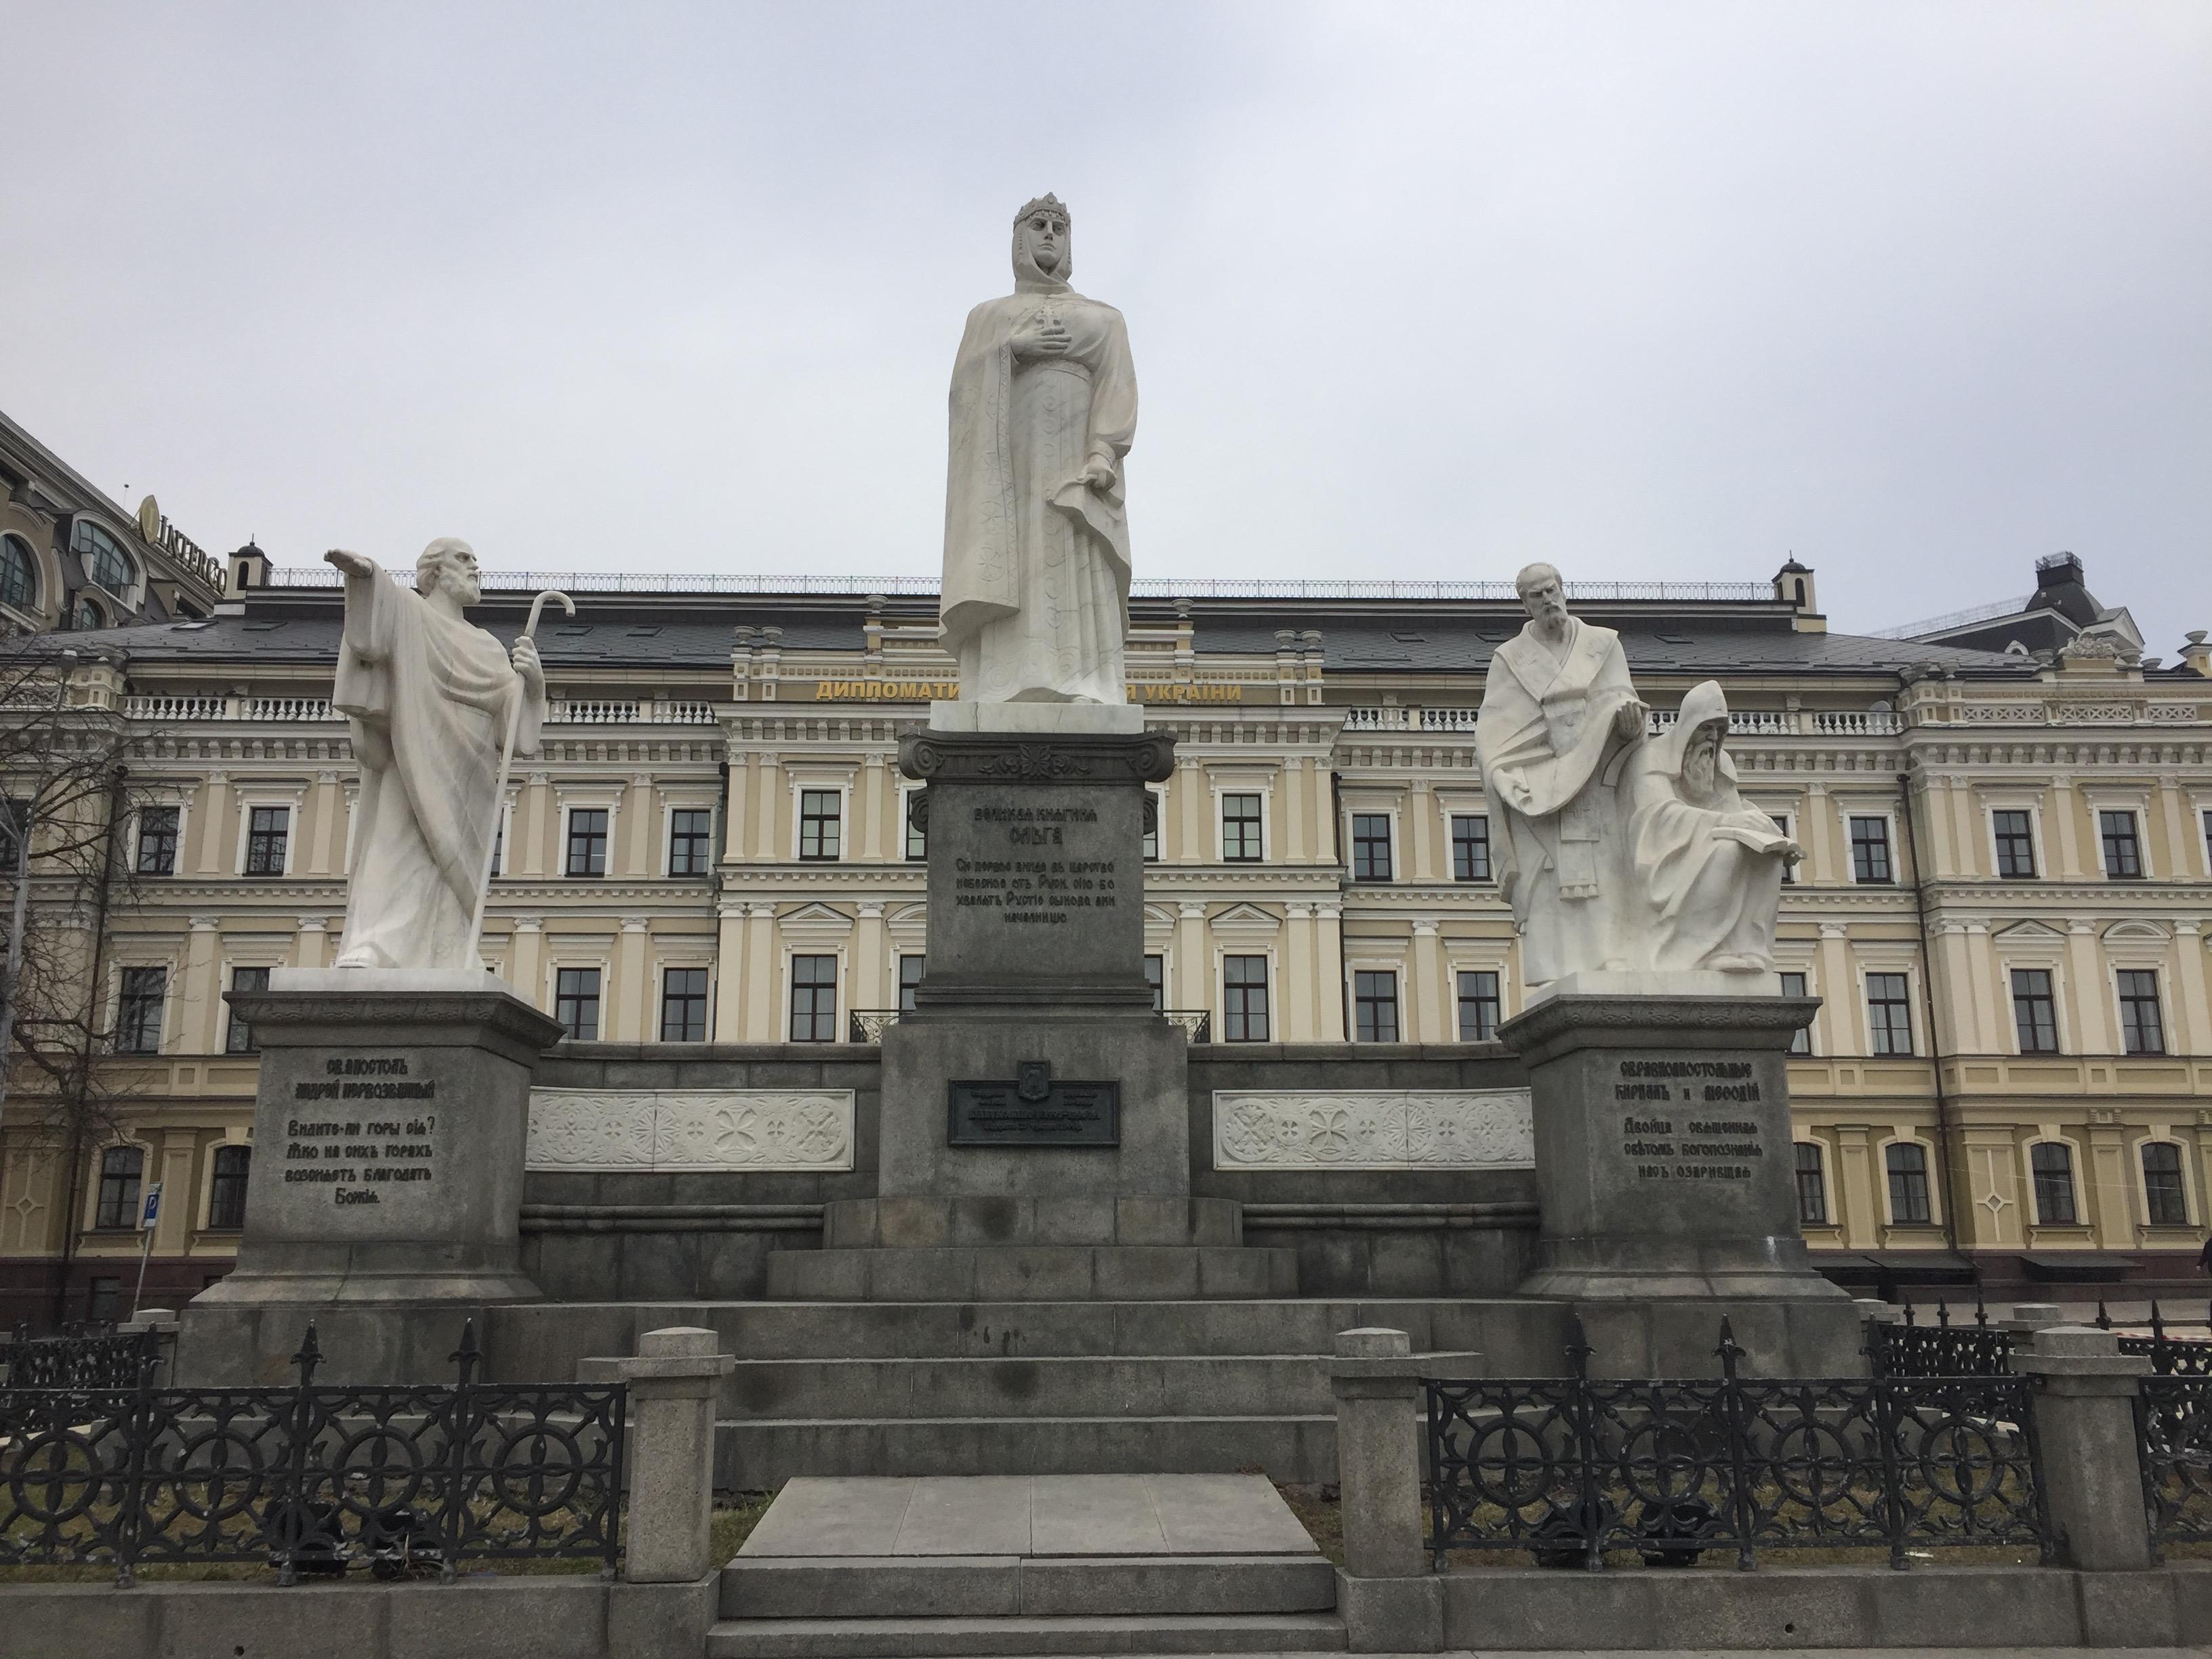 イーゴリ公、オリガ公妃、スビャトスラフの像